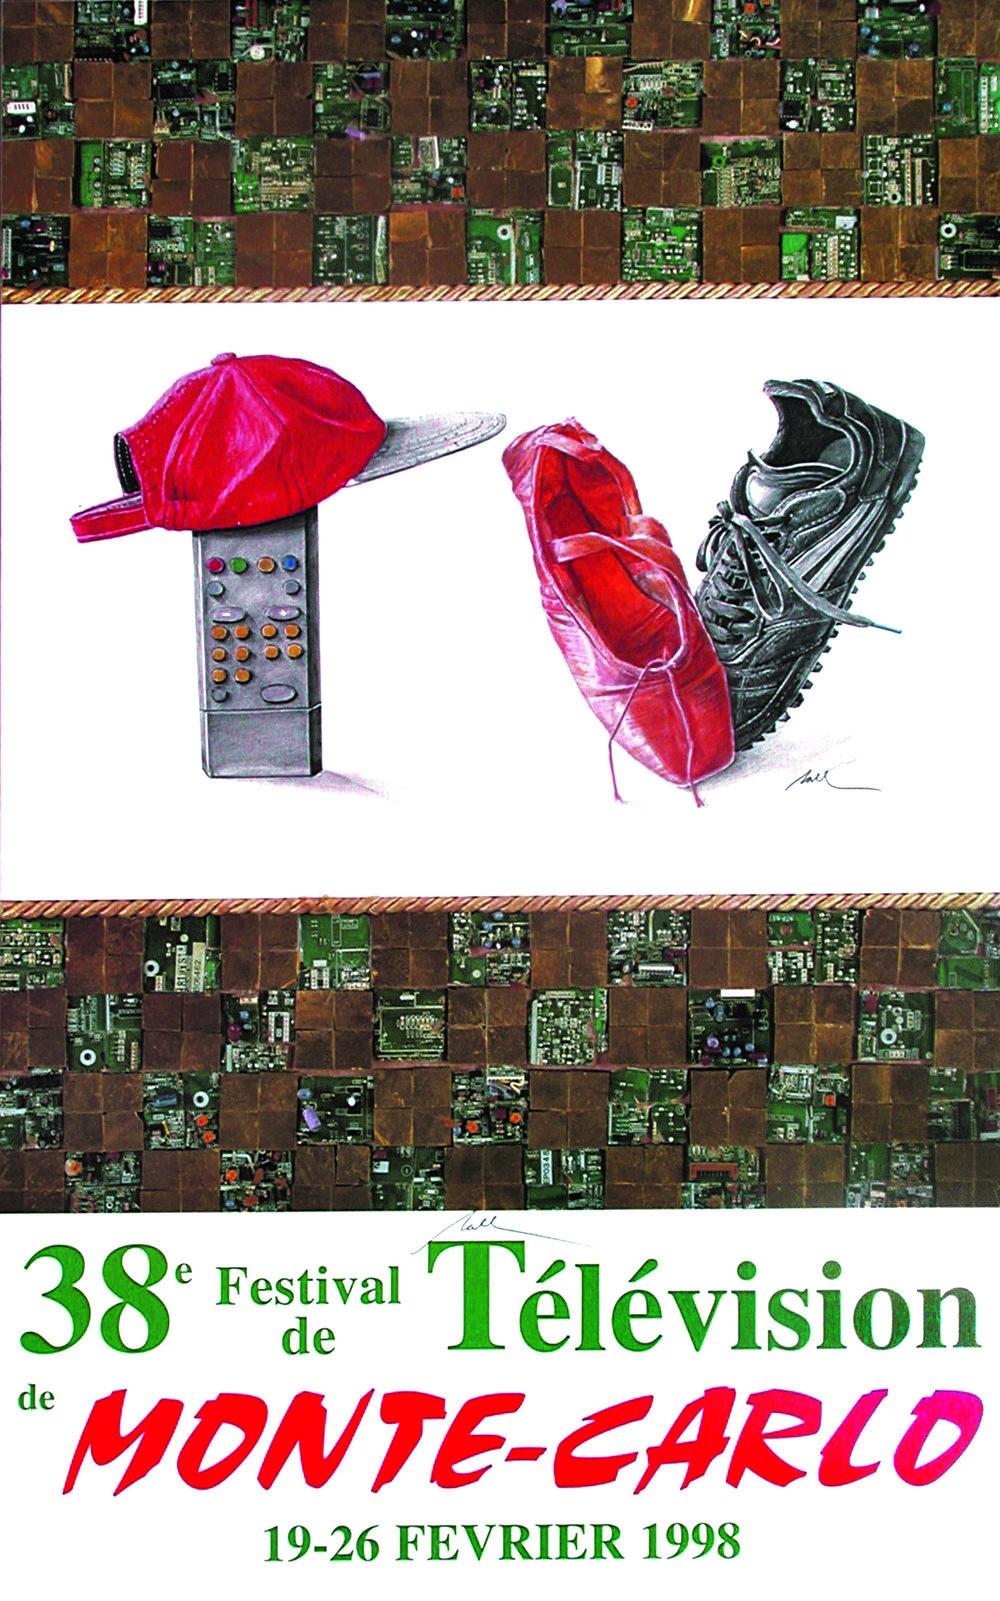 Festival de Television - 1998